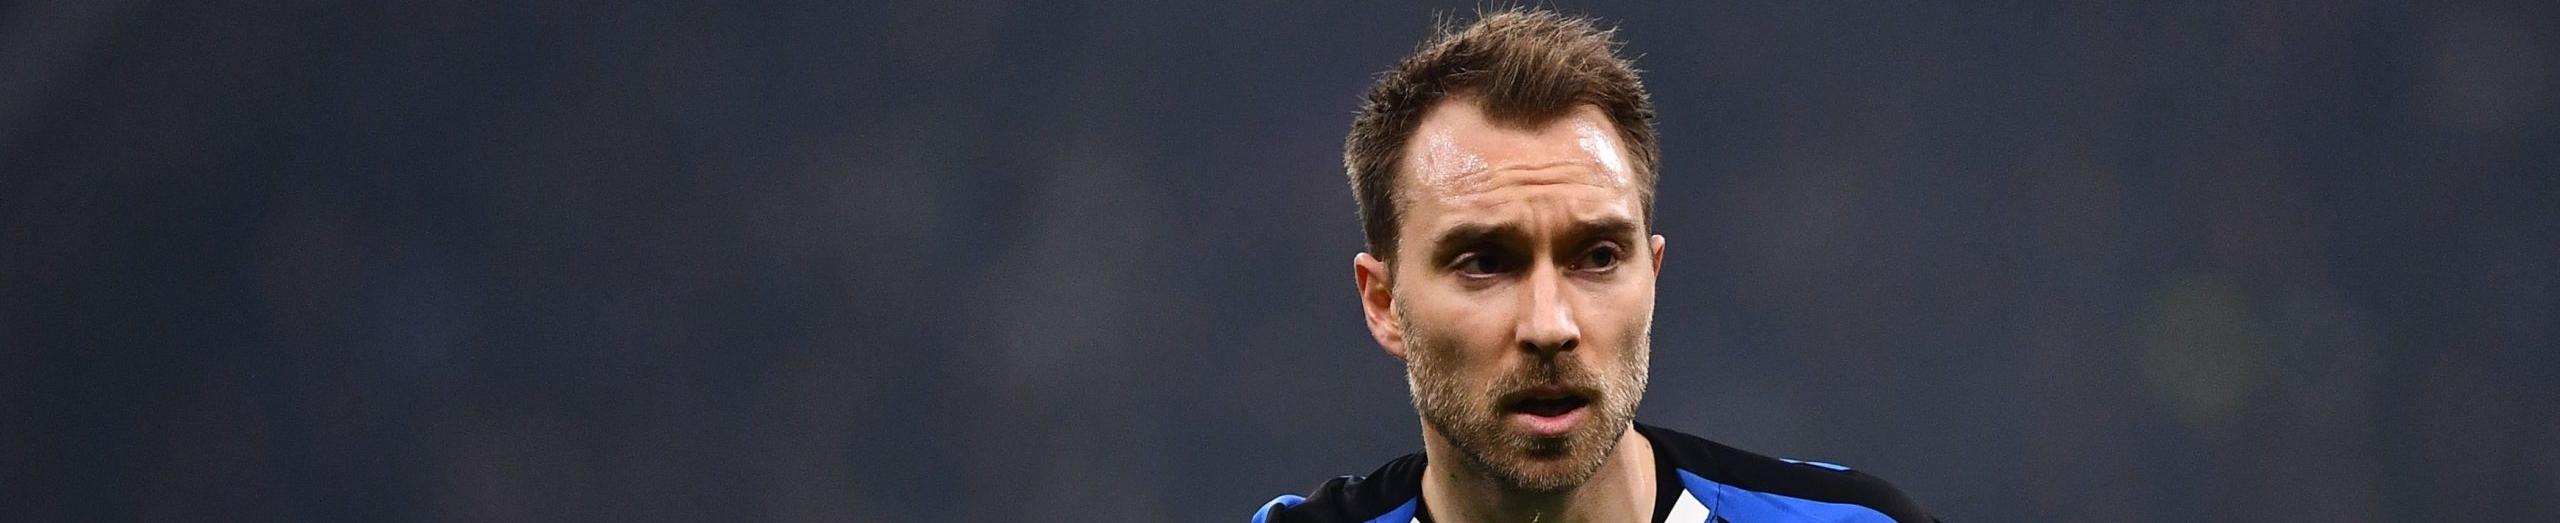 Pronostico Napoli-Inter: Gattuso alza il muro, Conte ci prova con Eriksen - le ultimissime!